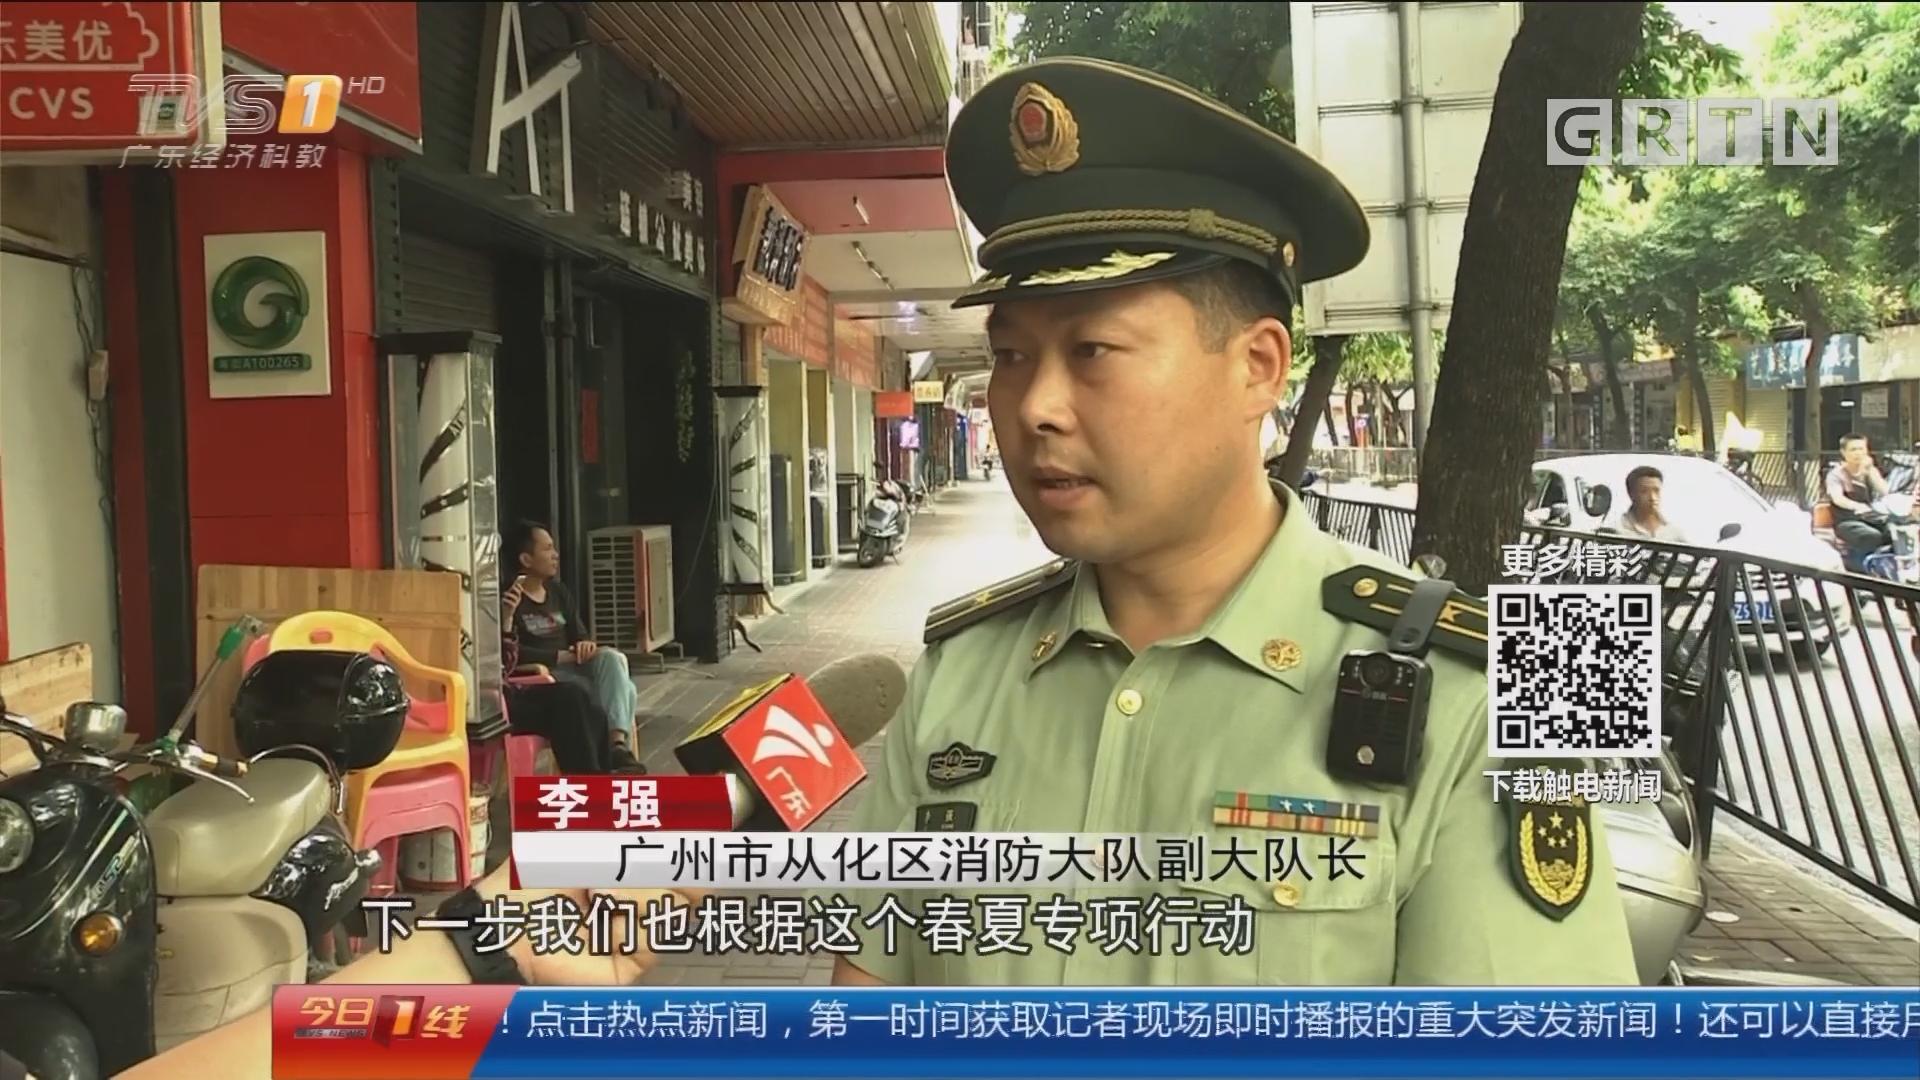 春夏火灾防控专项行动:广州 突击检查公共娱乐场所 隐患多立即整改